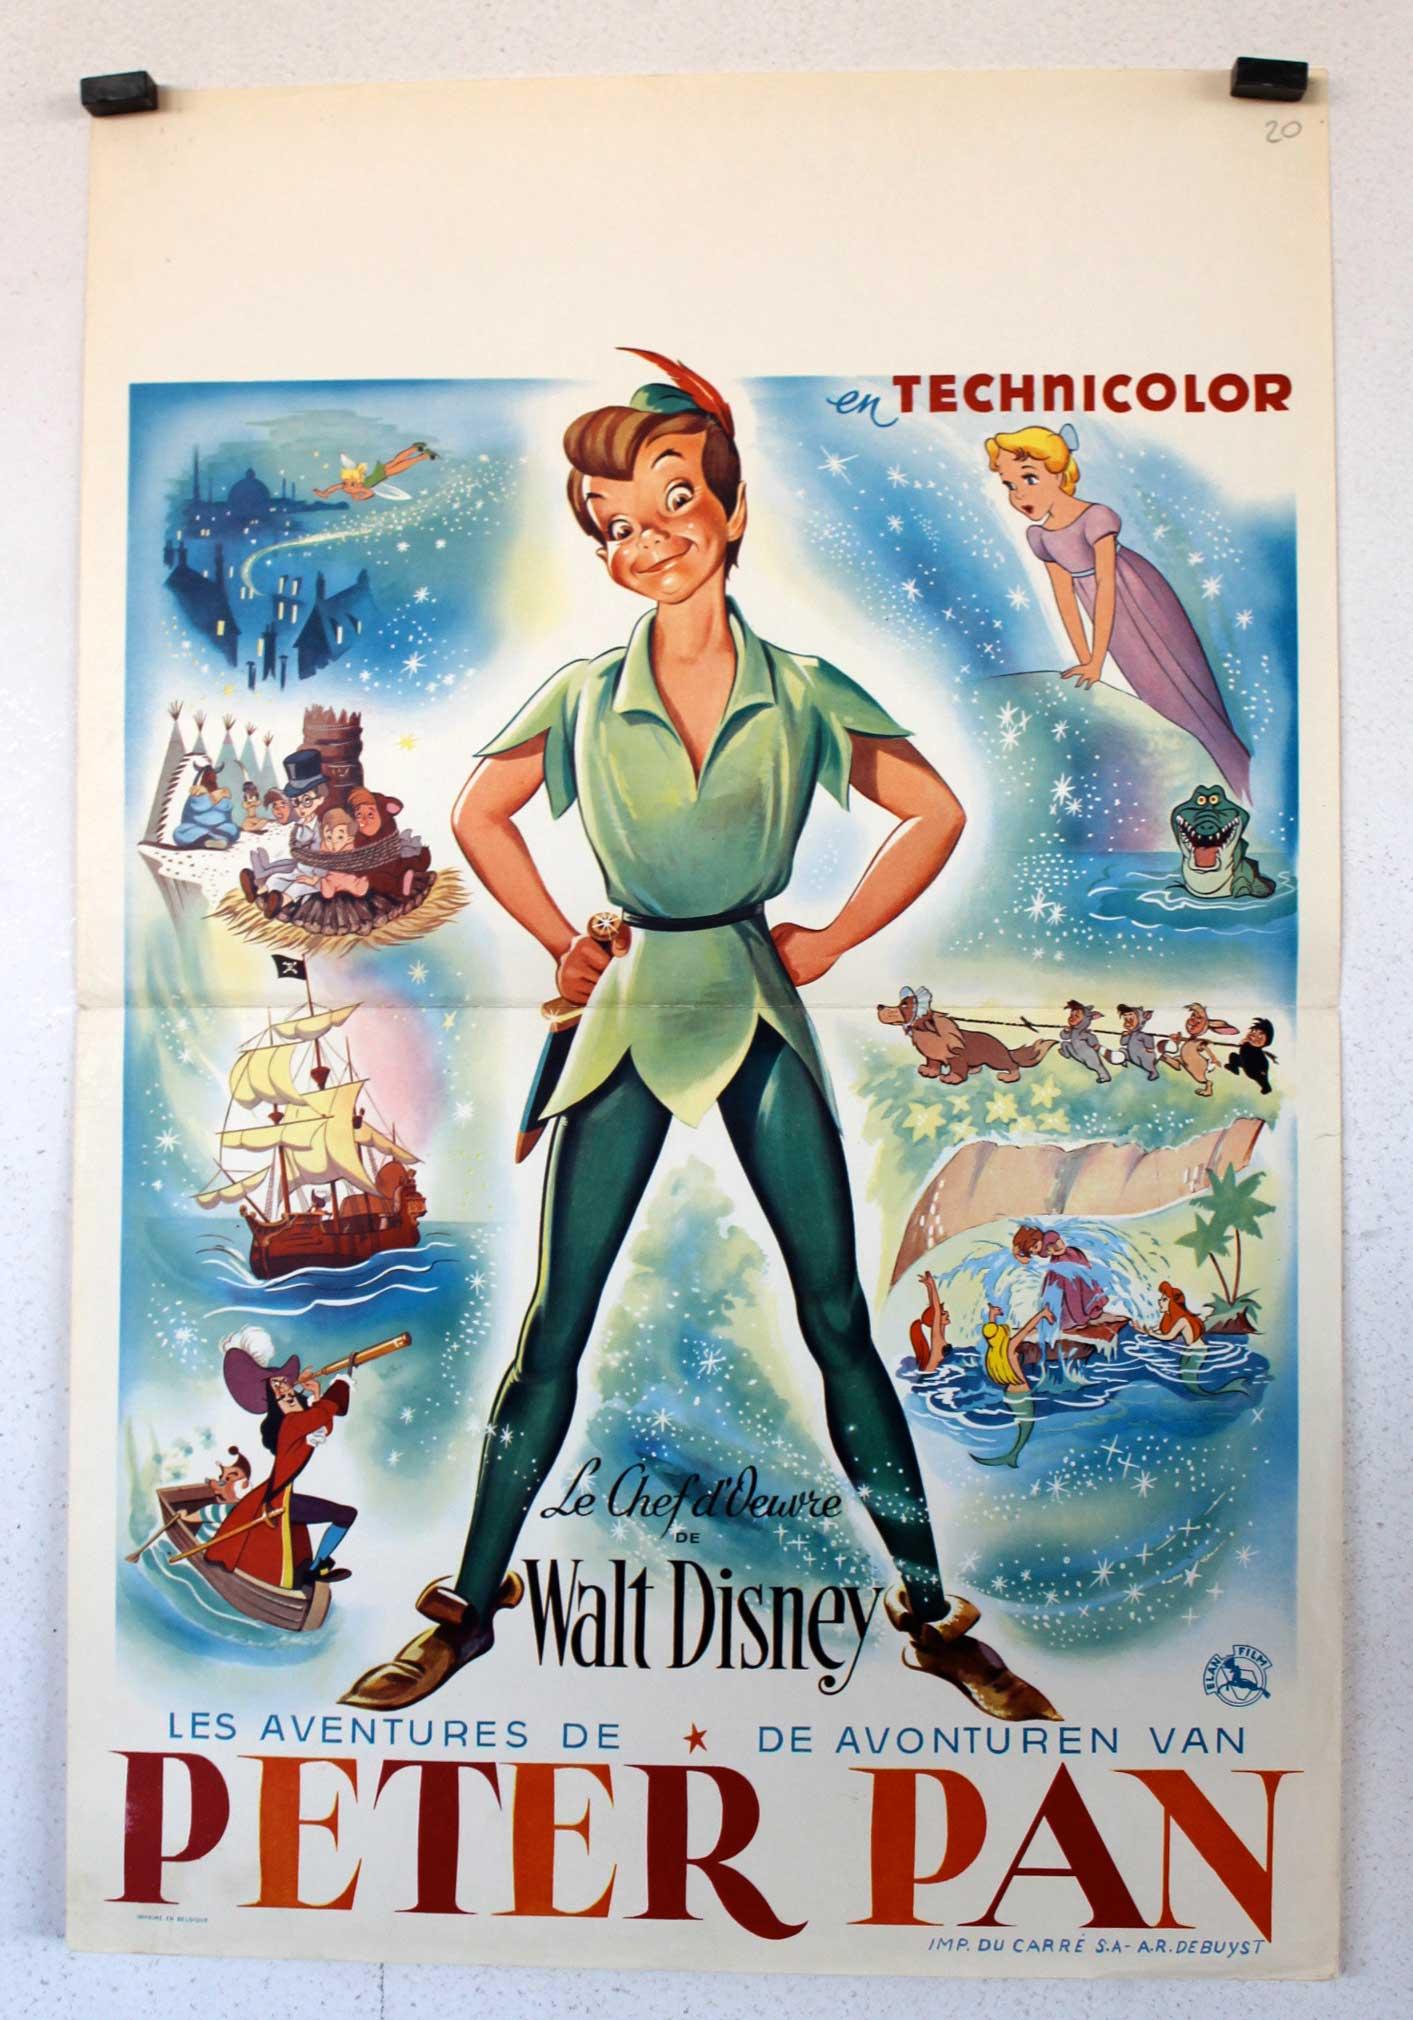 New walt disney movie